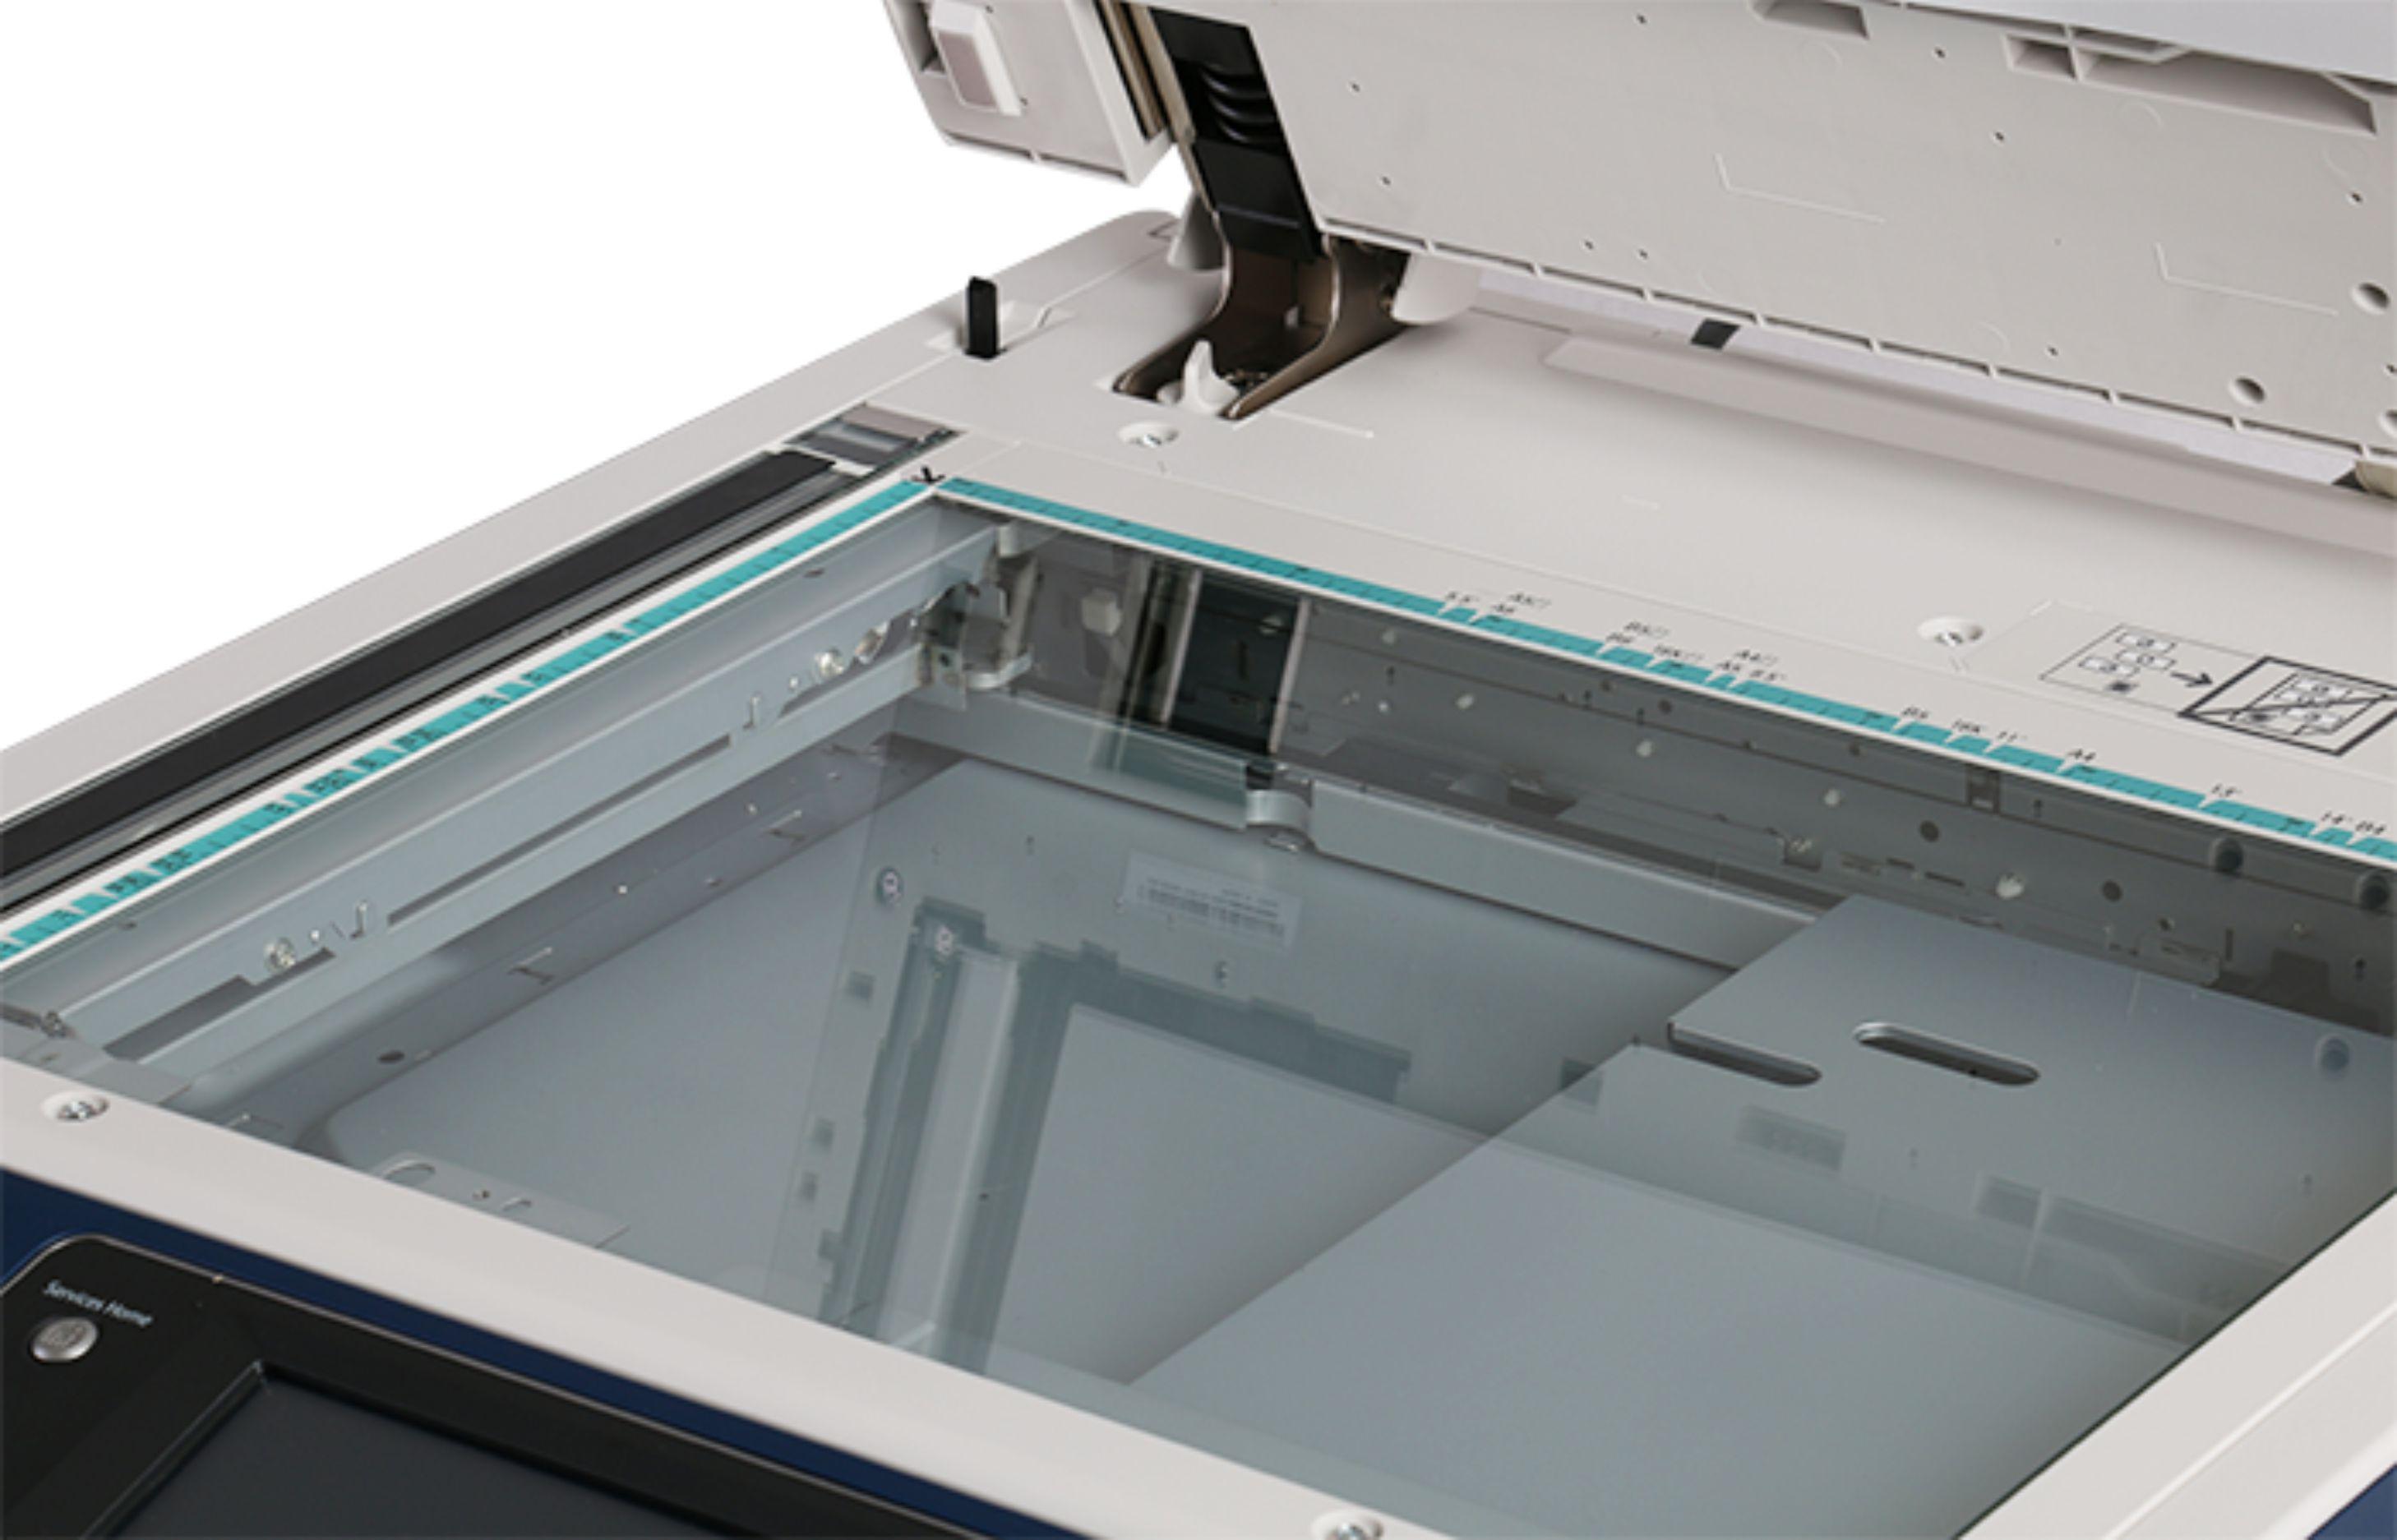 施乐彩色复印机五代7835/7845/7855高精度多功能一体机打印机新机